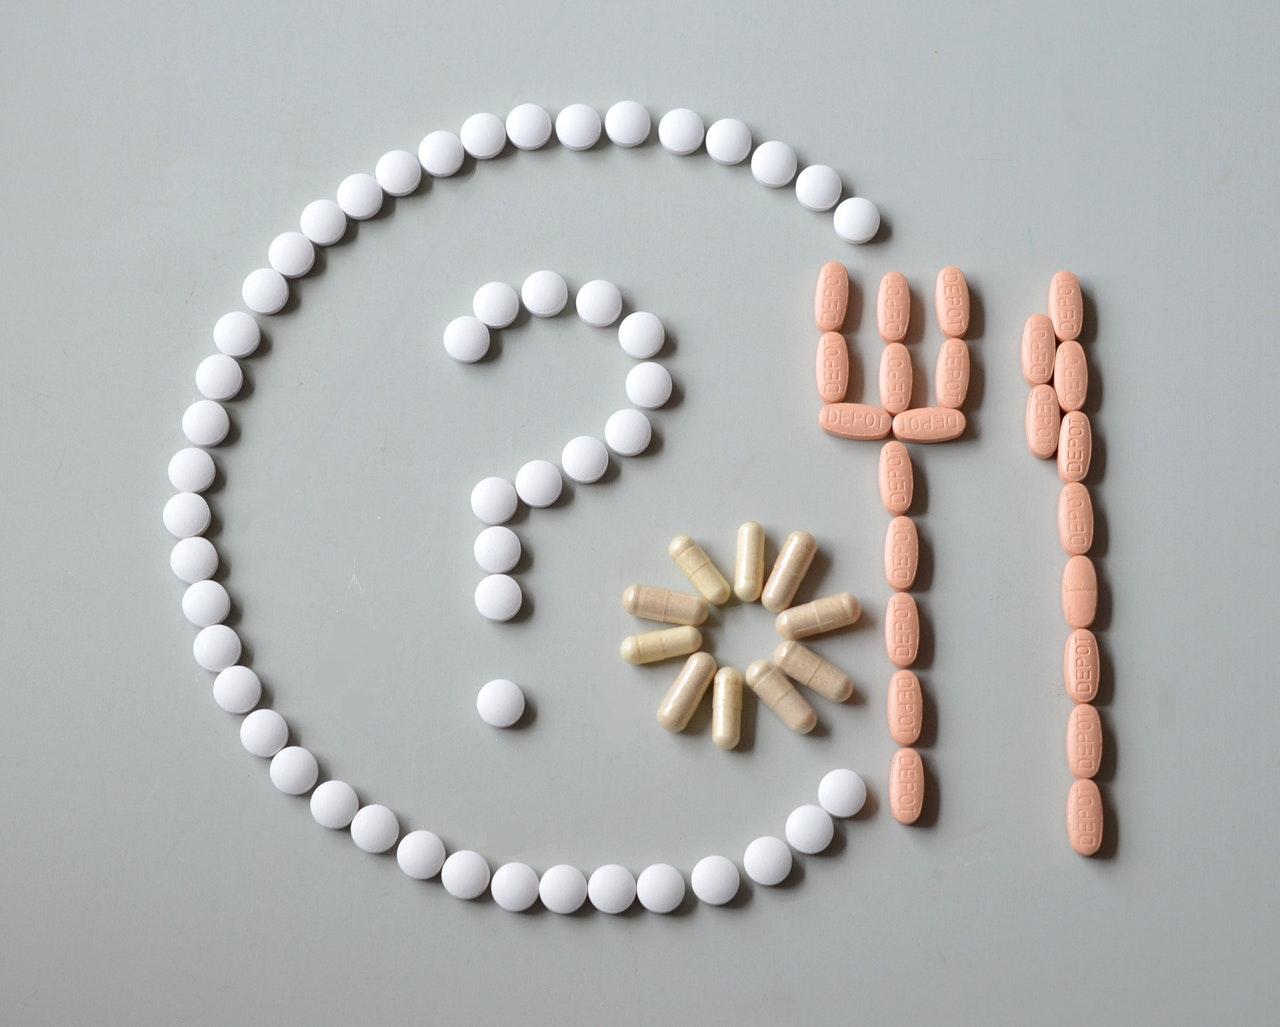 Die Top 3 Vitamine für bessere Ergebnisse im Sport 1